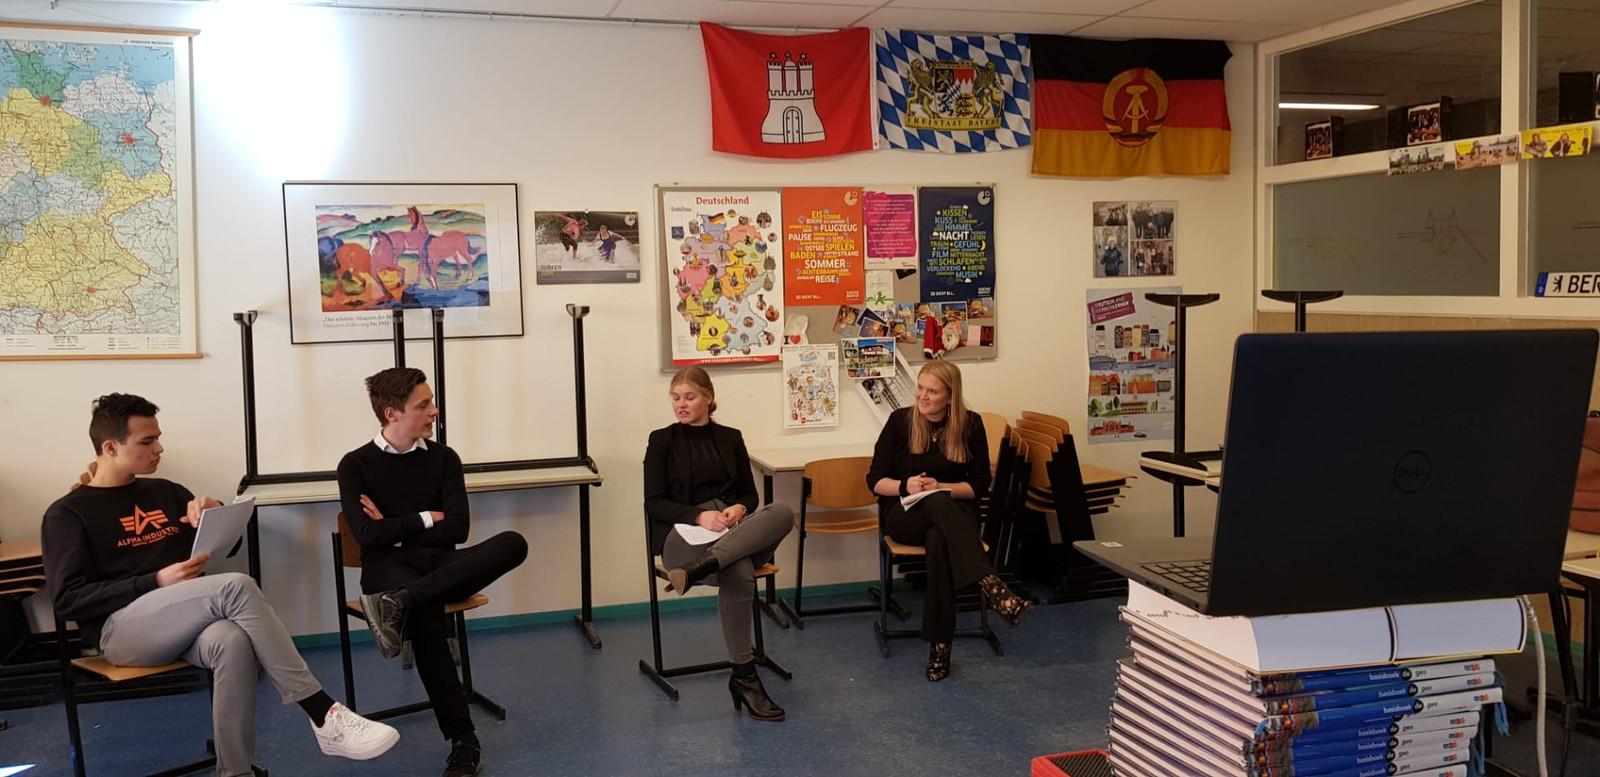 Vincent, Wouter, Lotte en Febe van het Reynaertcollege staan in de finale van een debatteerwedstrijd Duits.